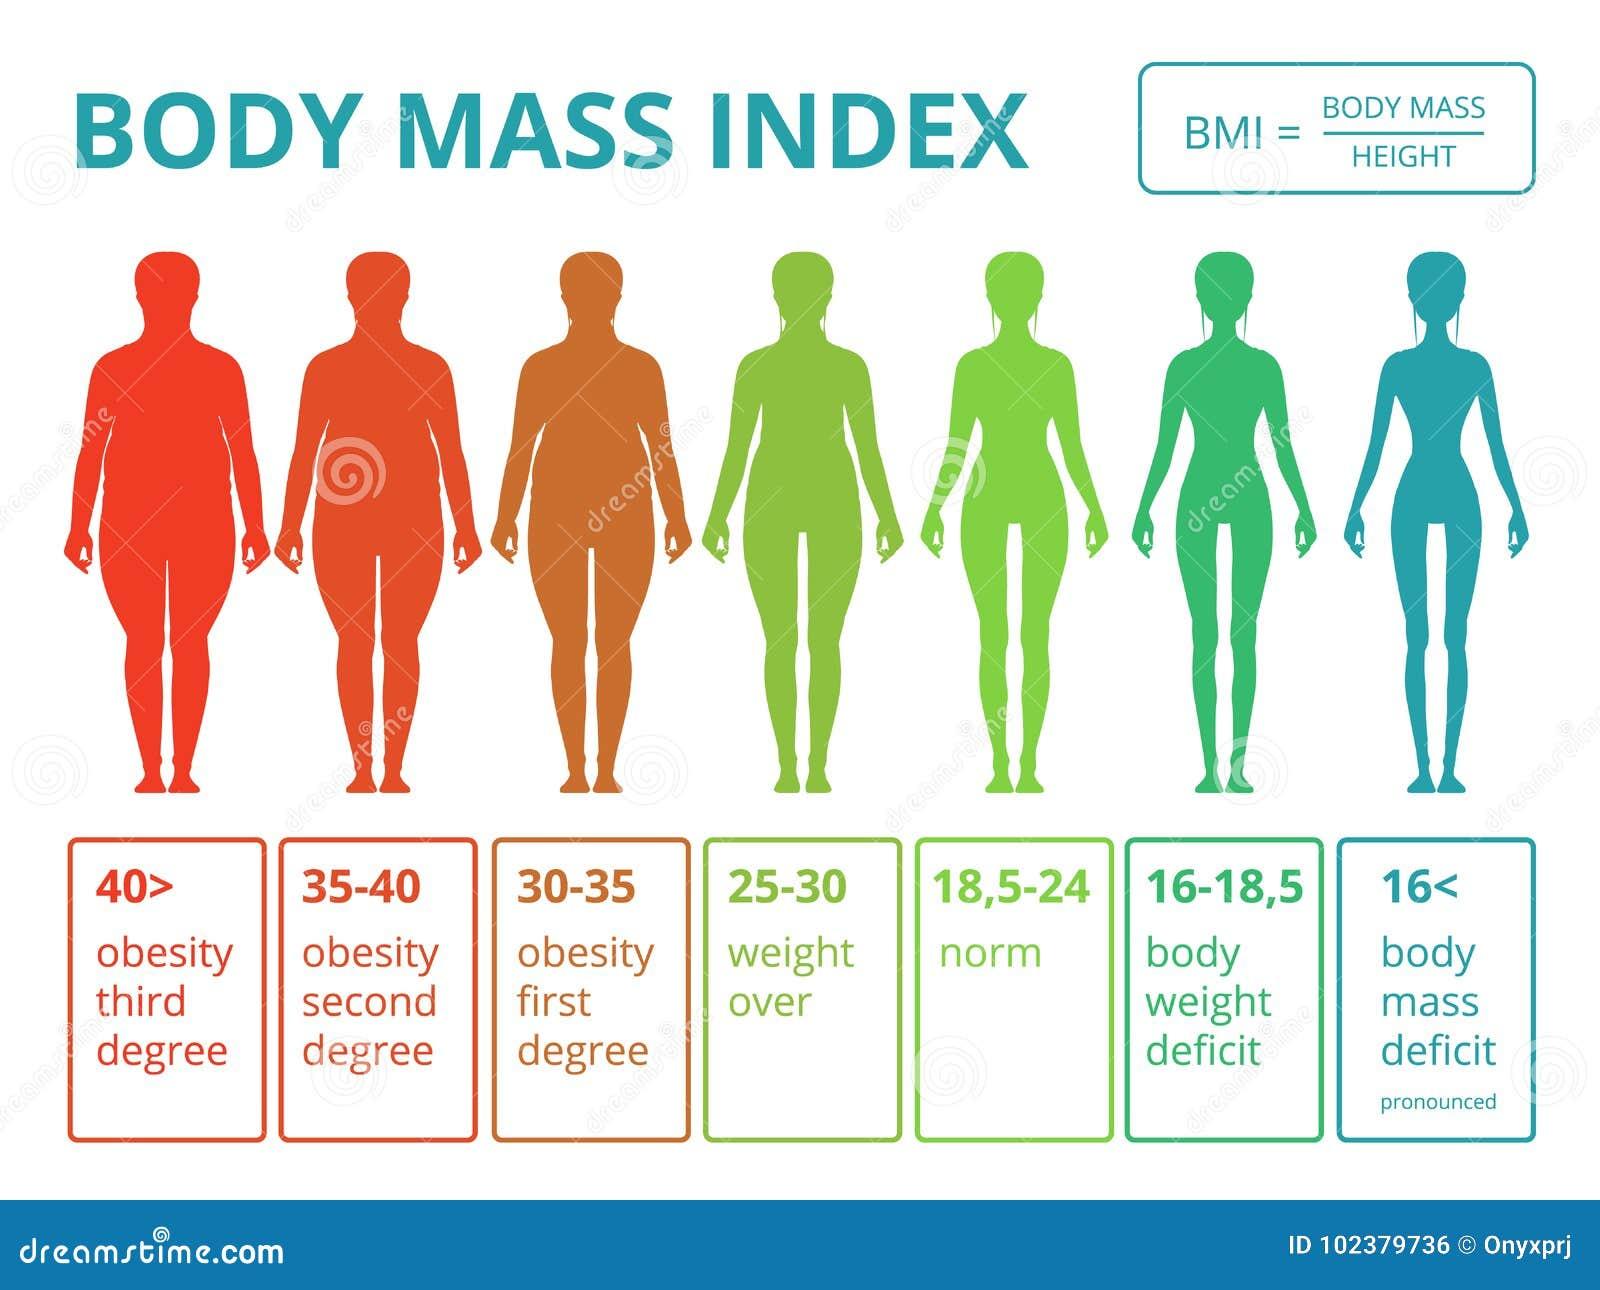 que es el indice de masa corporal ejemplos